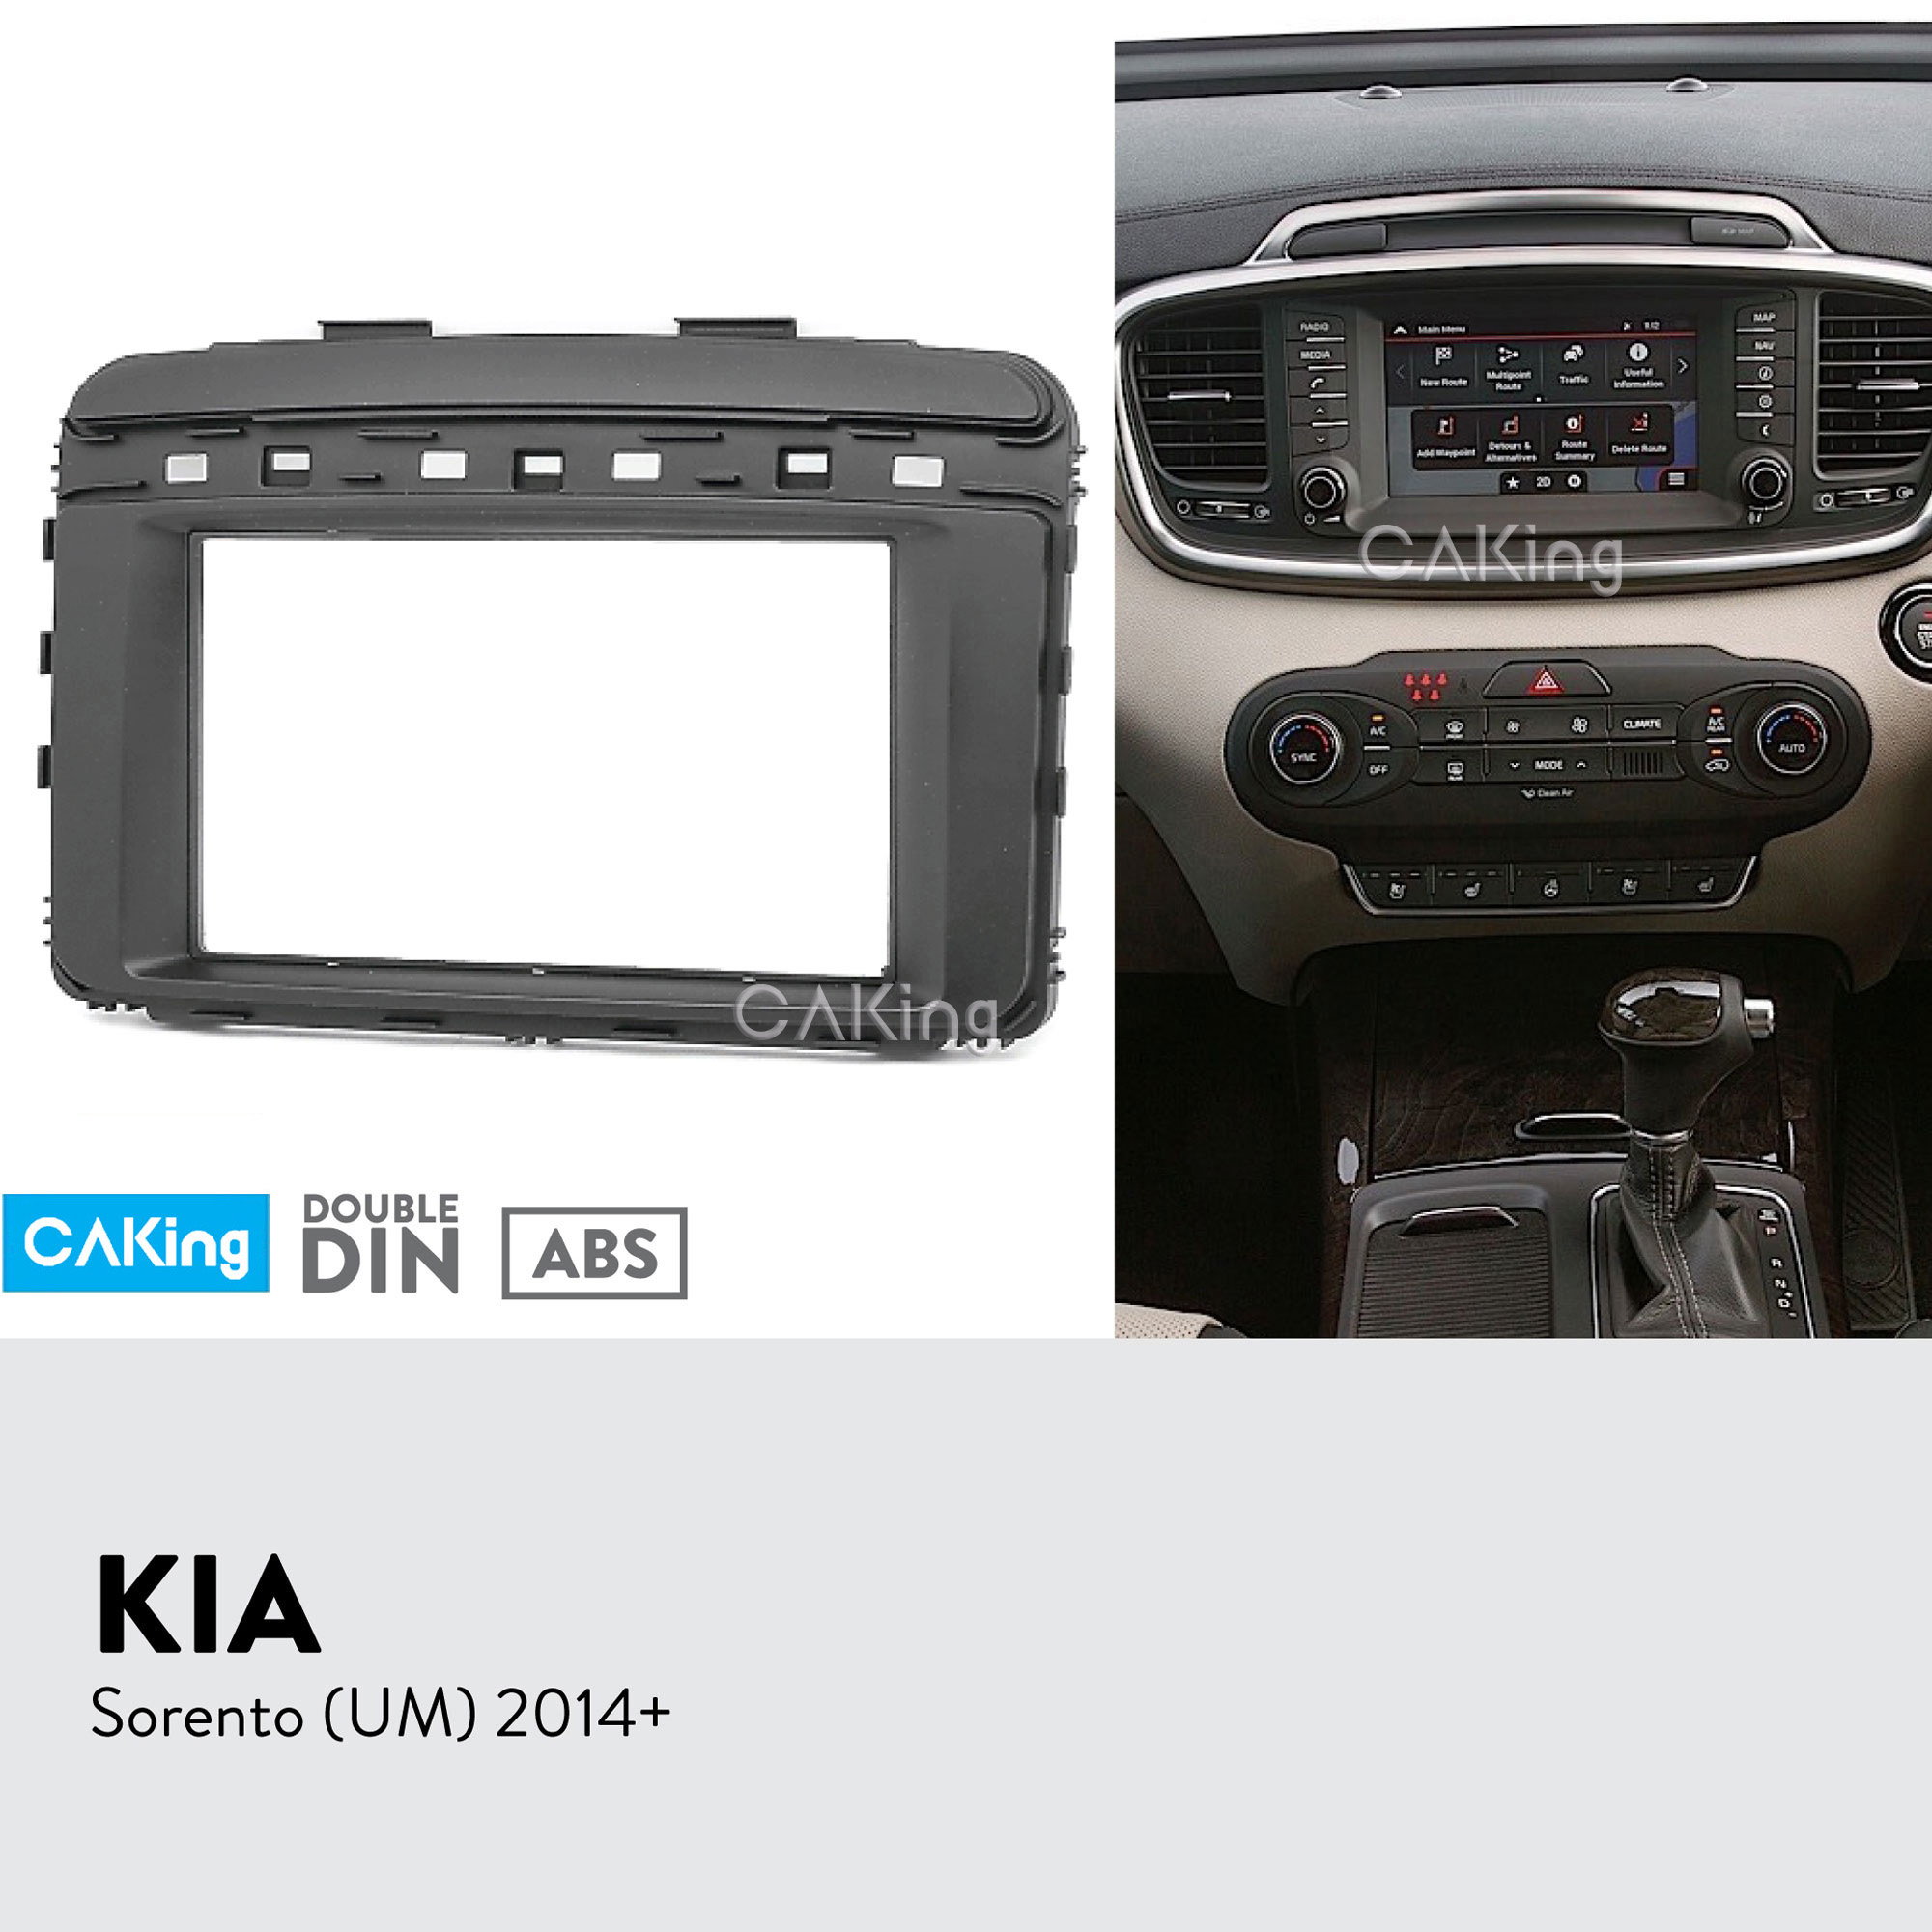 Double Din Car Fascia Radio Panel for KIA Sorento UM 2014 Dash Kit Install Mount Facia